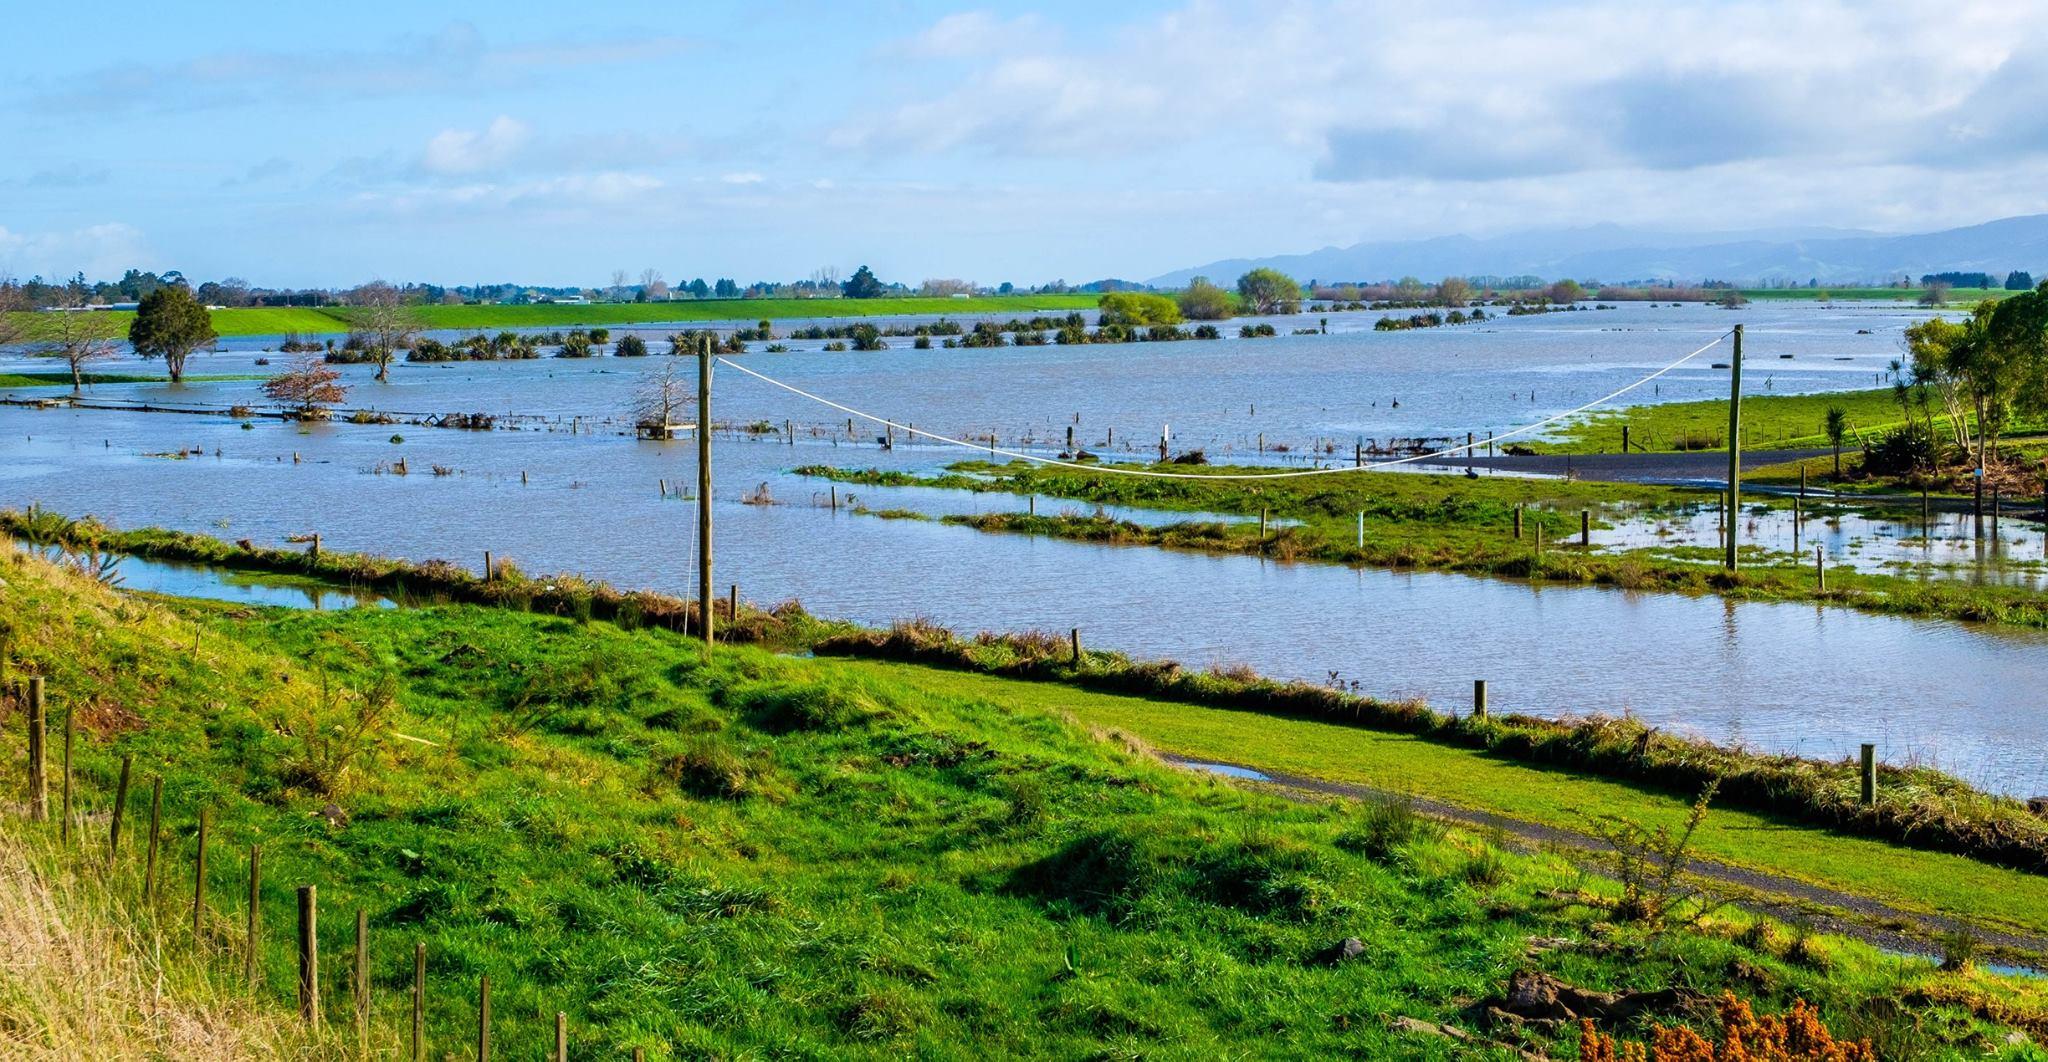 Paeroa Flooding